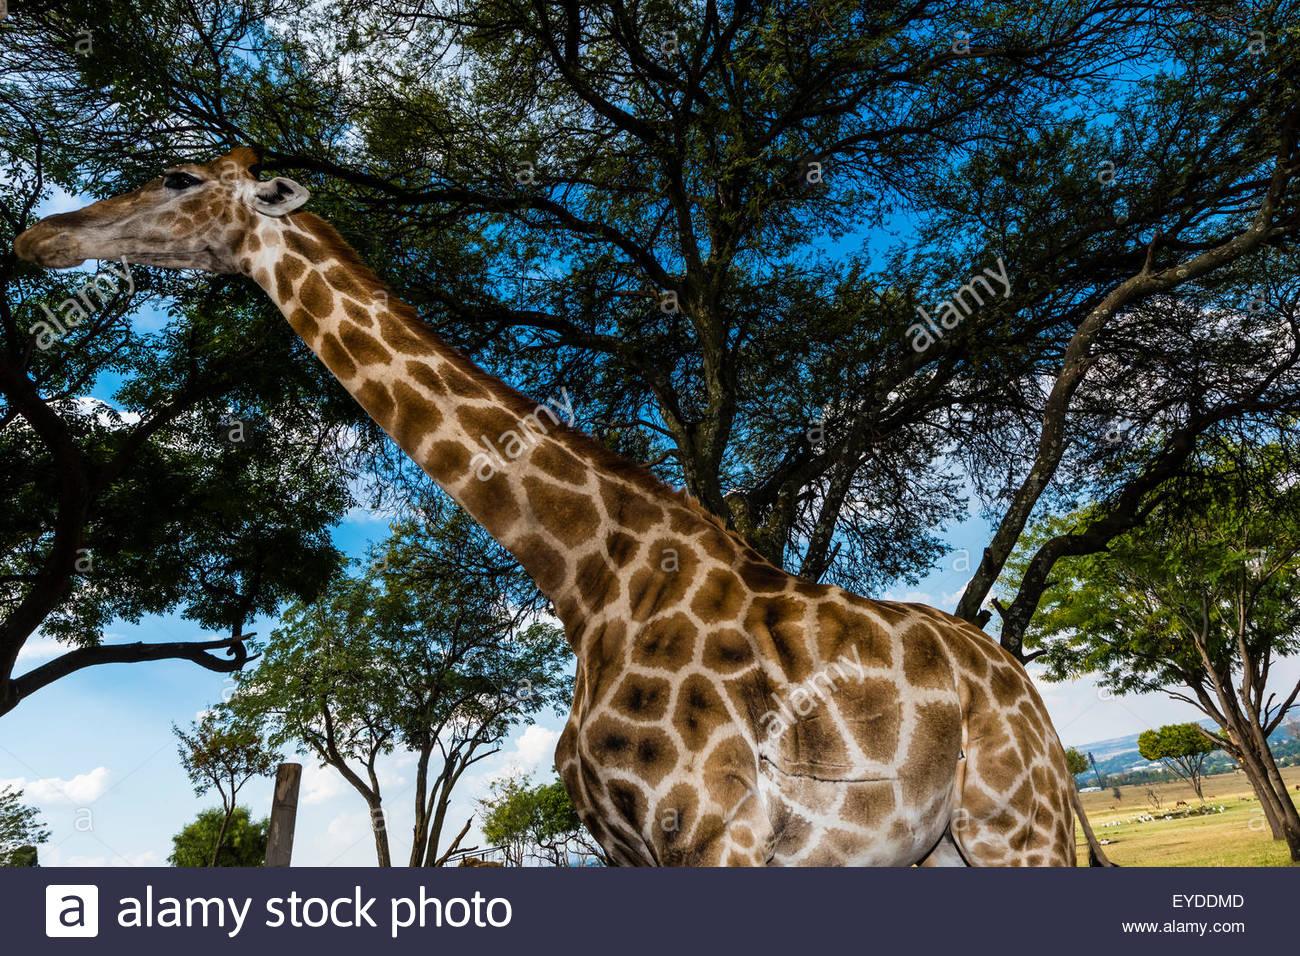 La giraffa, Lion Park, vicino Johannesburg, Sud Africa. Immagini Stock